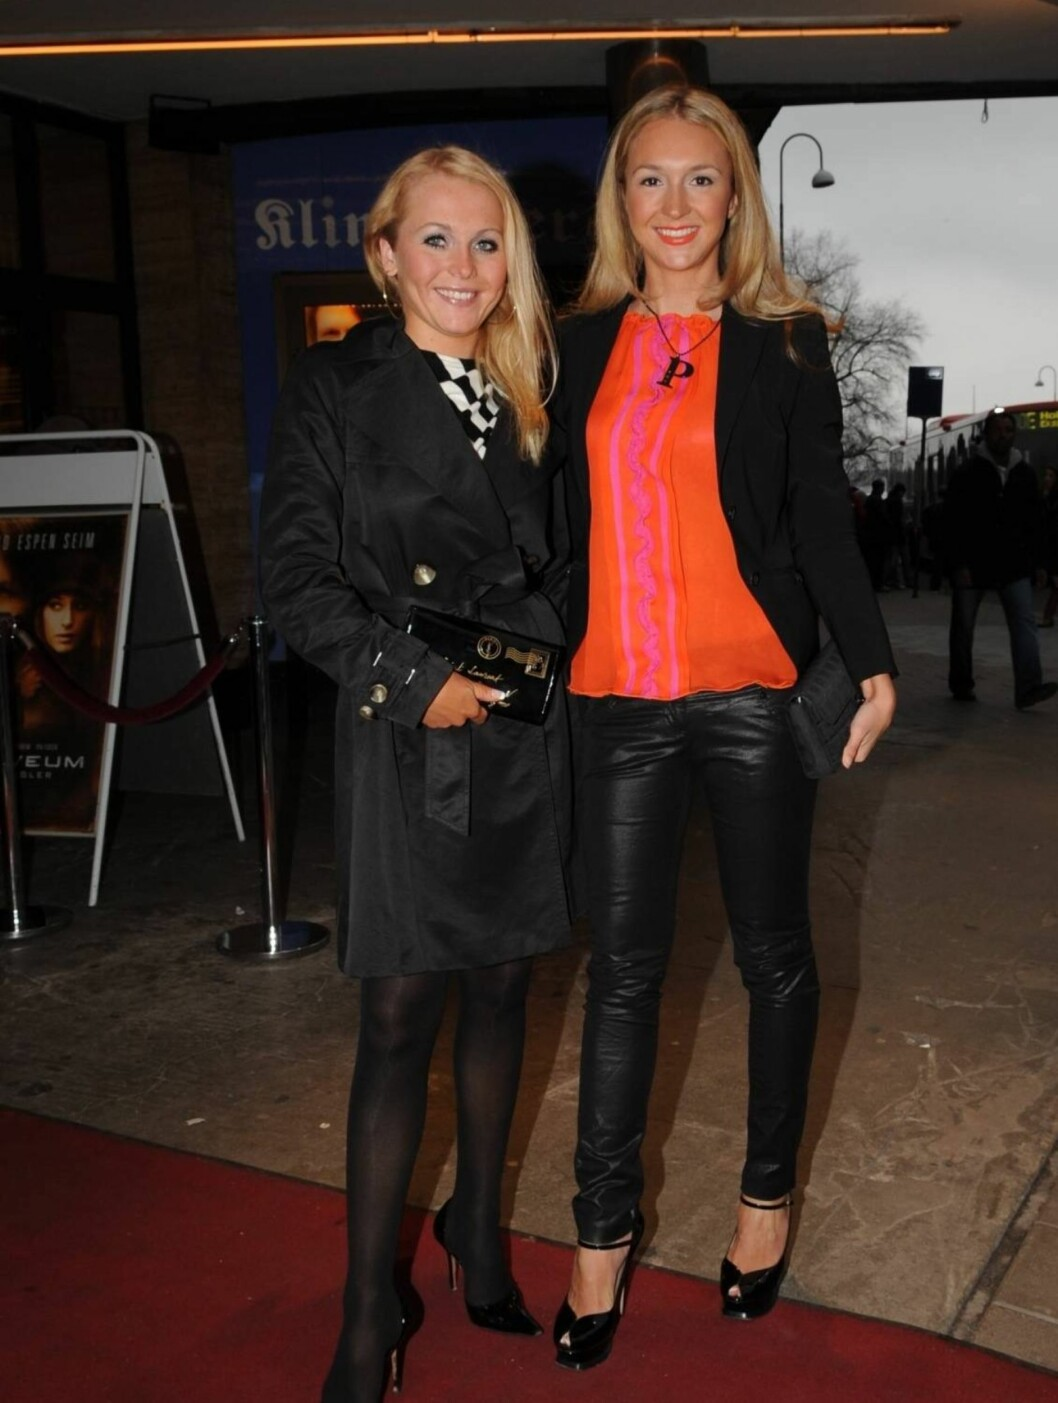 """DANSVENNINNE: Premiere på """"Varg Veum"""" på Klingenberg kino i Oslo. Pia Haraldsen har fått med seg """"Skal vi danse""""-stjernen Gyda Bloch Thorsen som rød løper-venninne. Foto: Stella Pictures"""